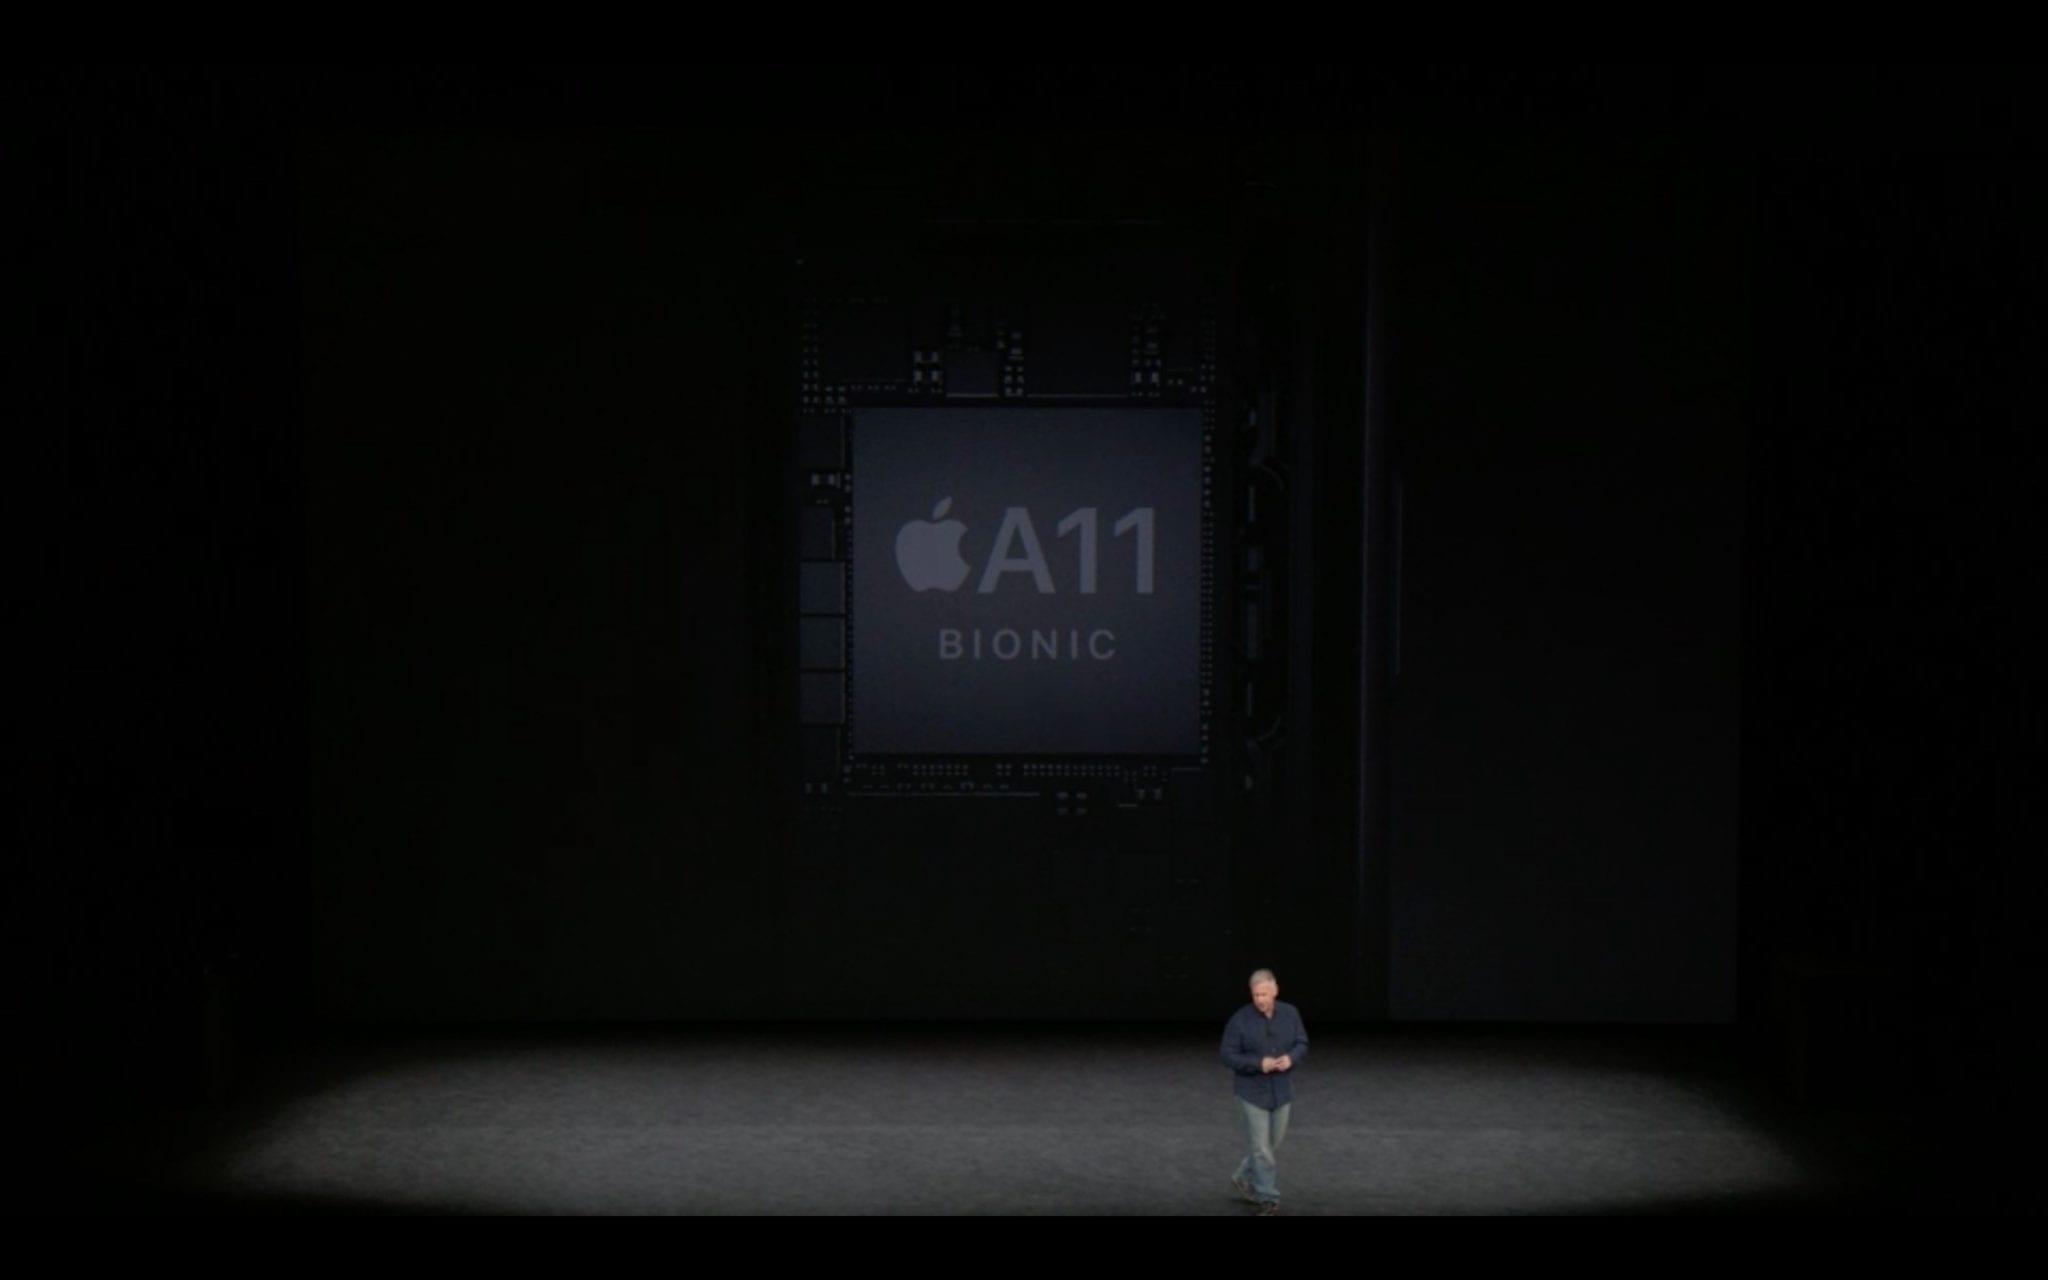 Snímka obrazovky 2017 09 12 o 20.00.17 - iPhone 8 a iPhone 8 Plus prinášajú nový dizajn, rýchlejšie procesory a bezdrôtové nabíjanie